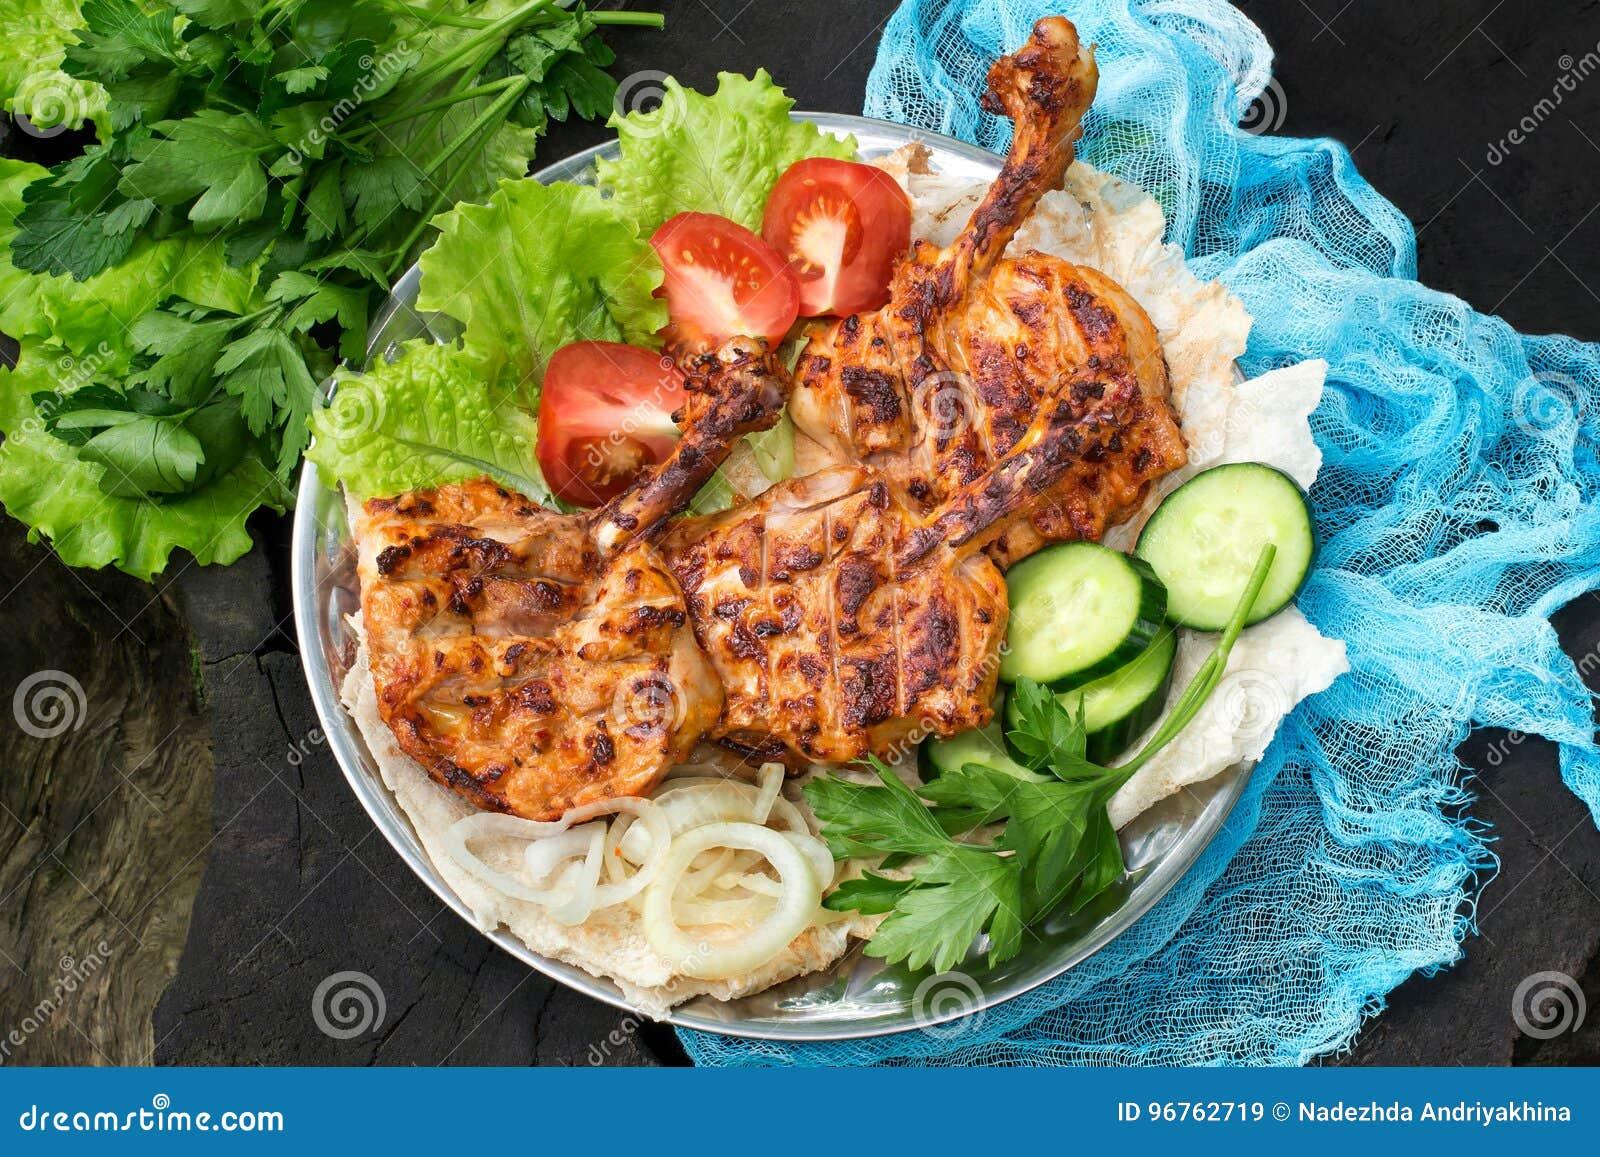 Outdoor Küche Aus Türkei : Türkische küche hühnerhieb auf knochen pirzola mit gemüse